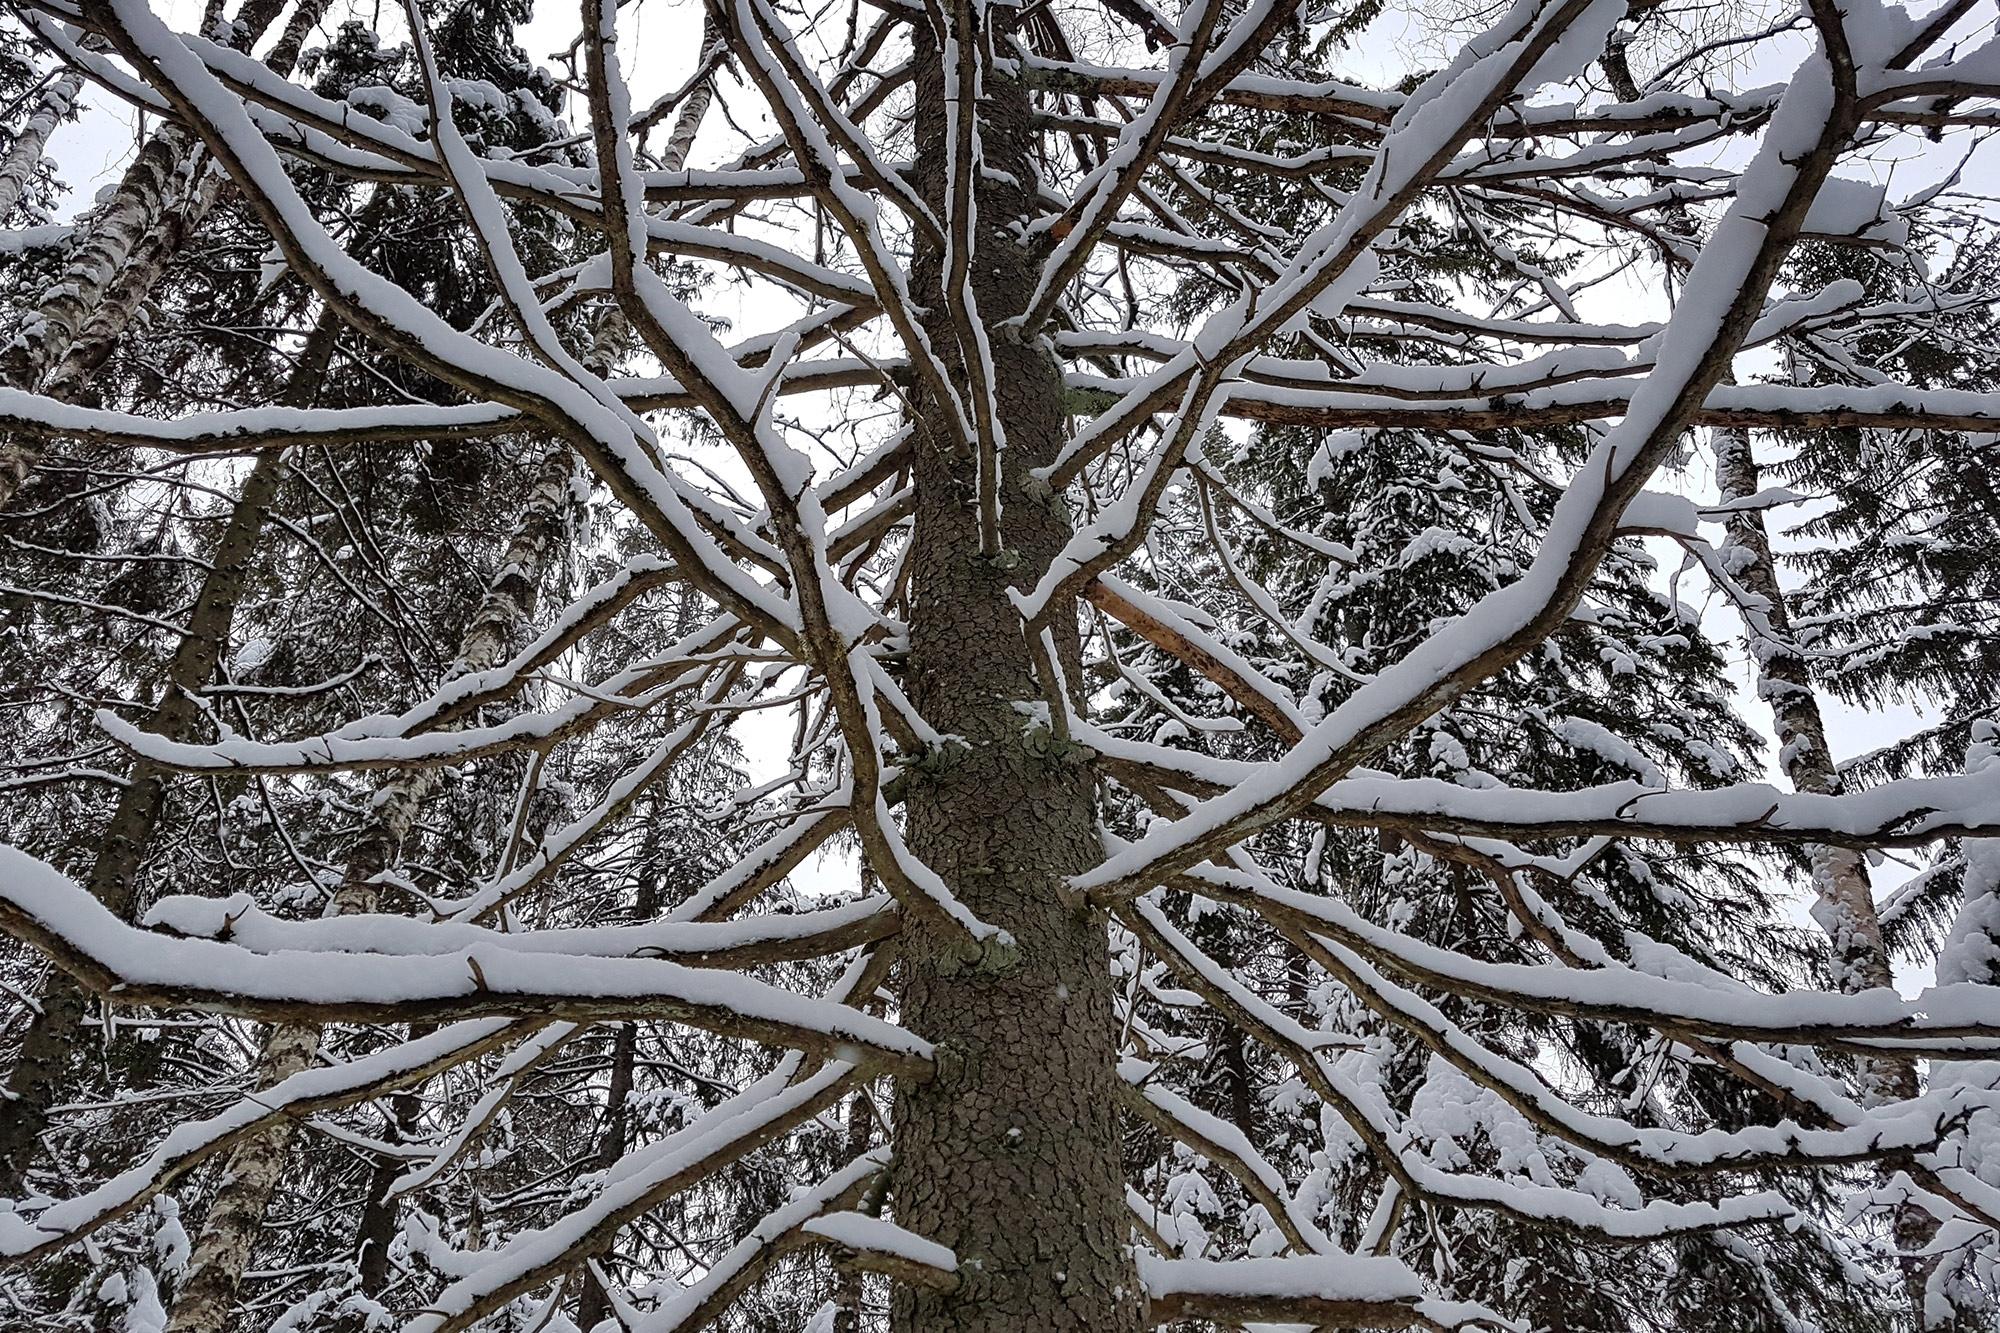 встречаются чудные деревья